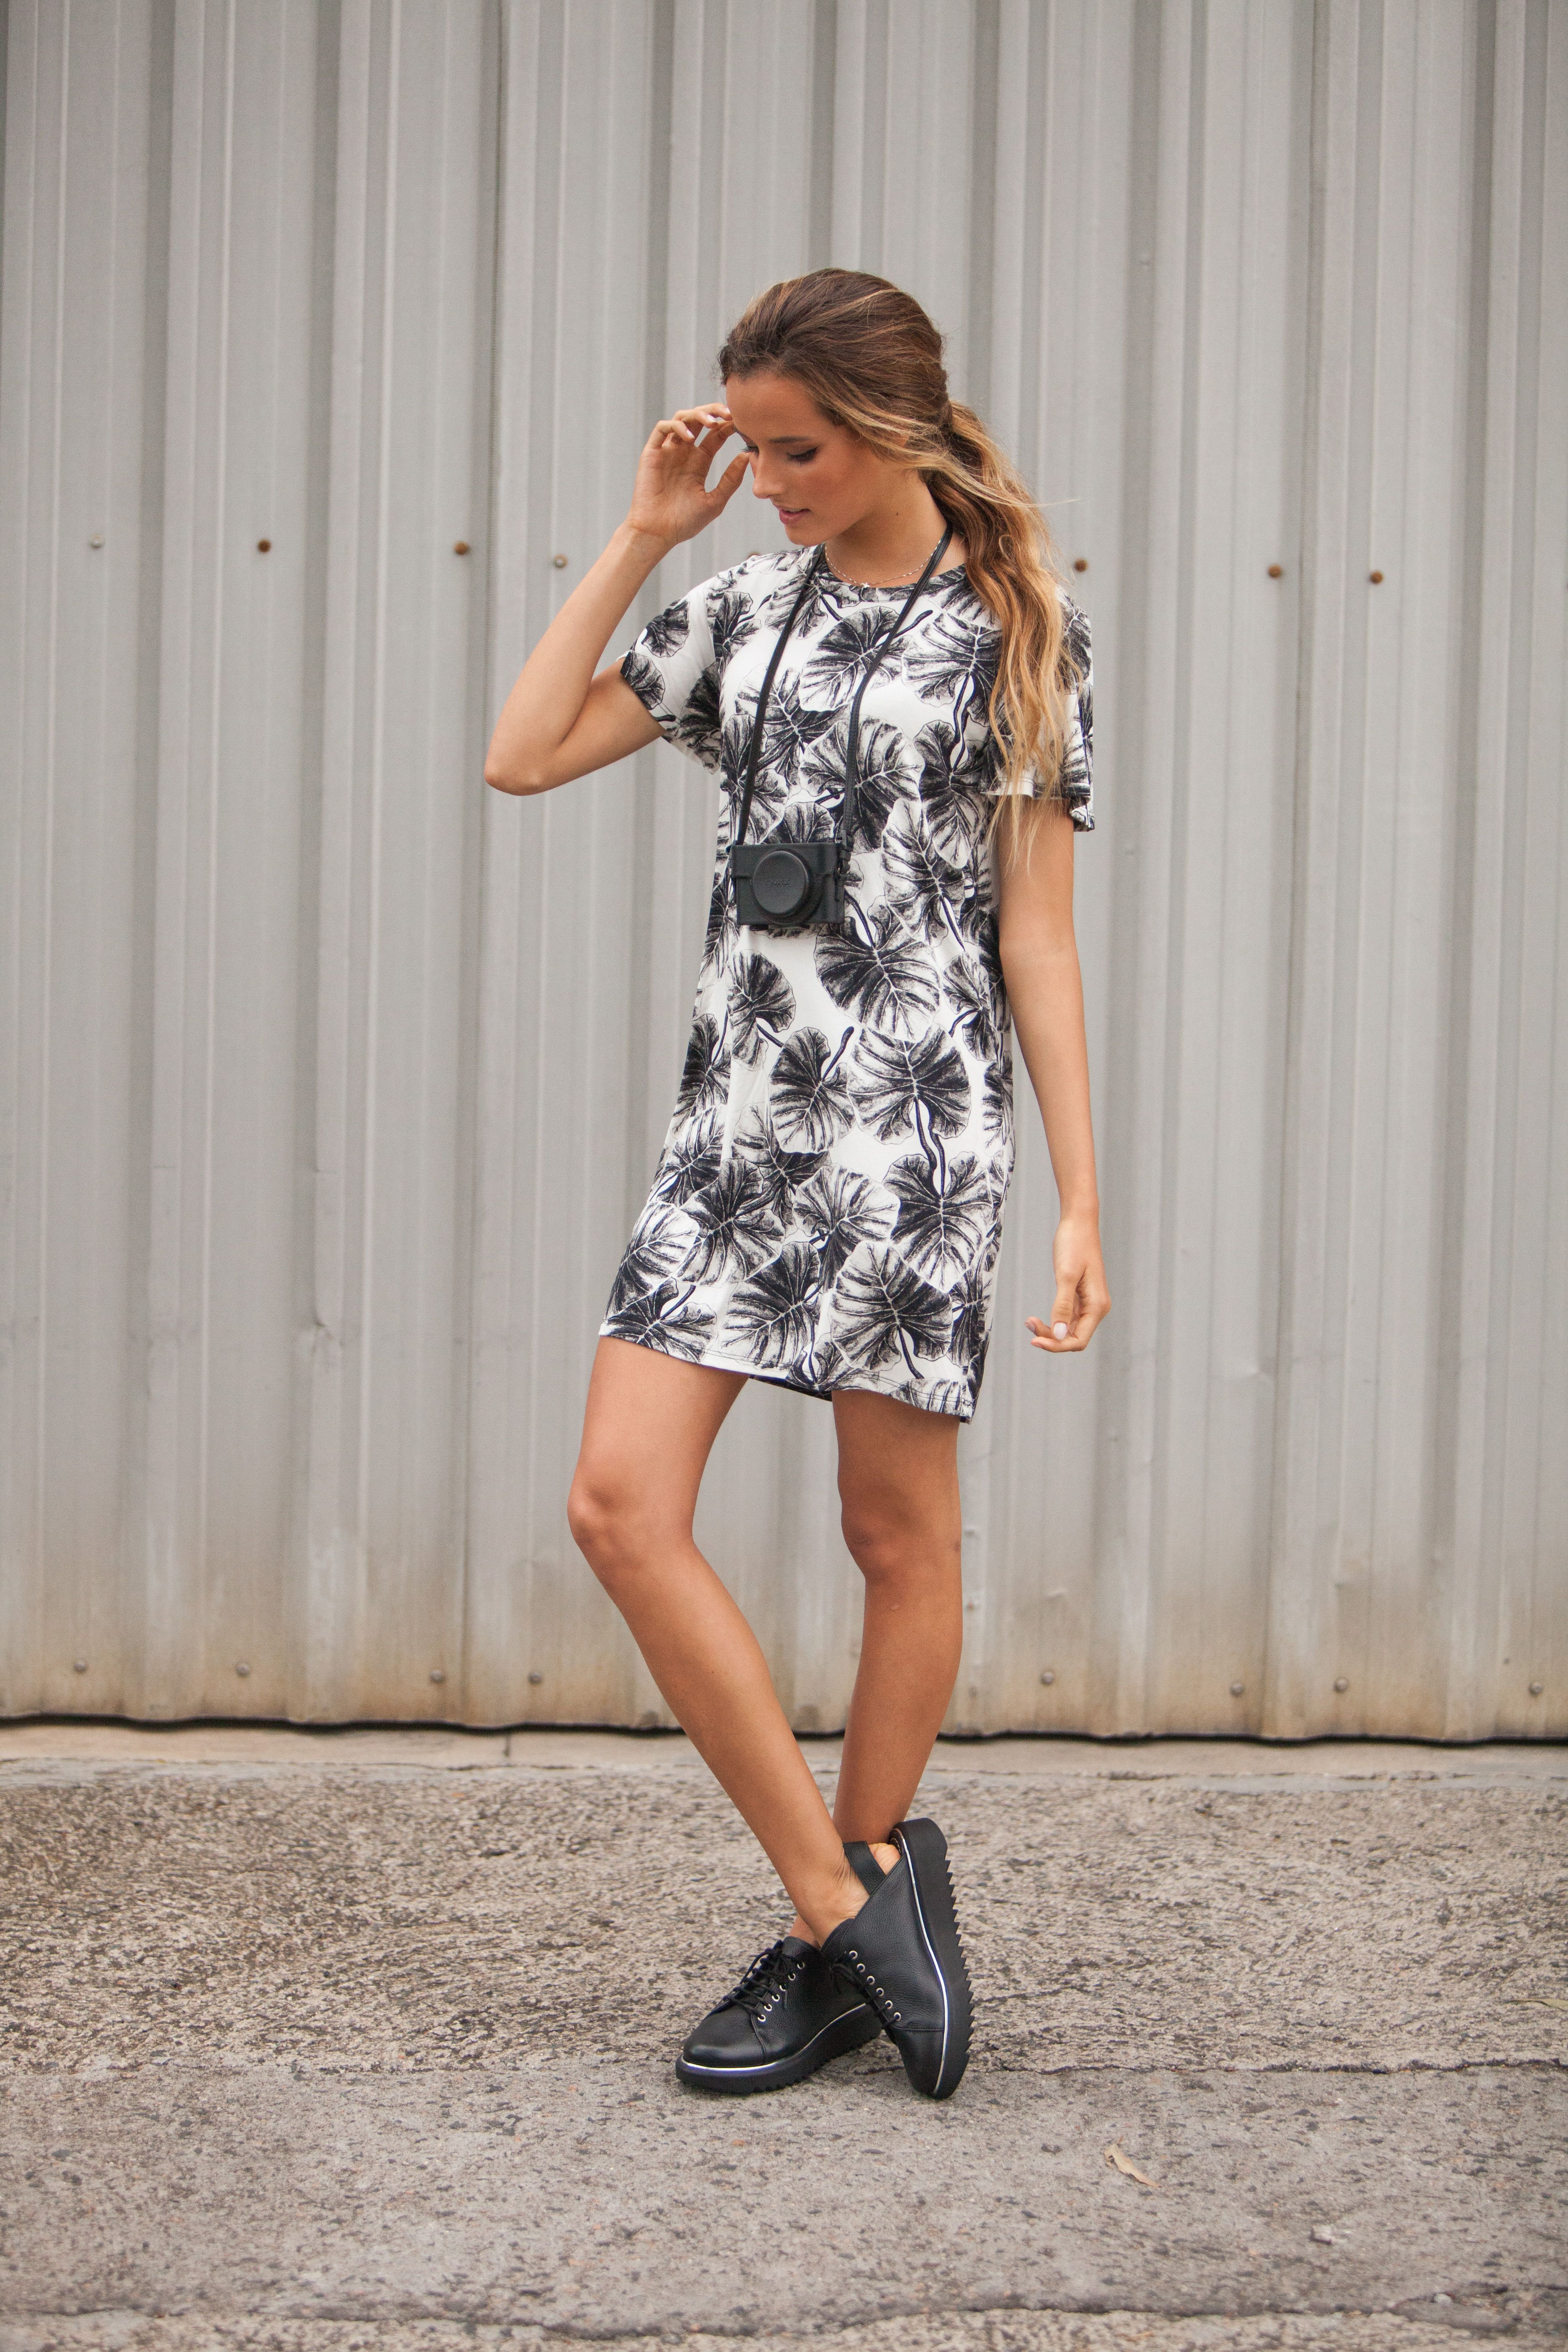 f70016925 Vestido,Moda, tendências, lifestyle, óculos, relógios, confecção, praia,